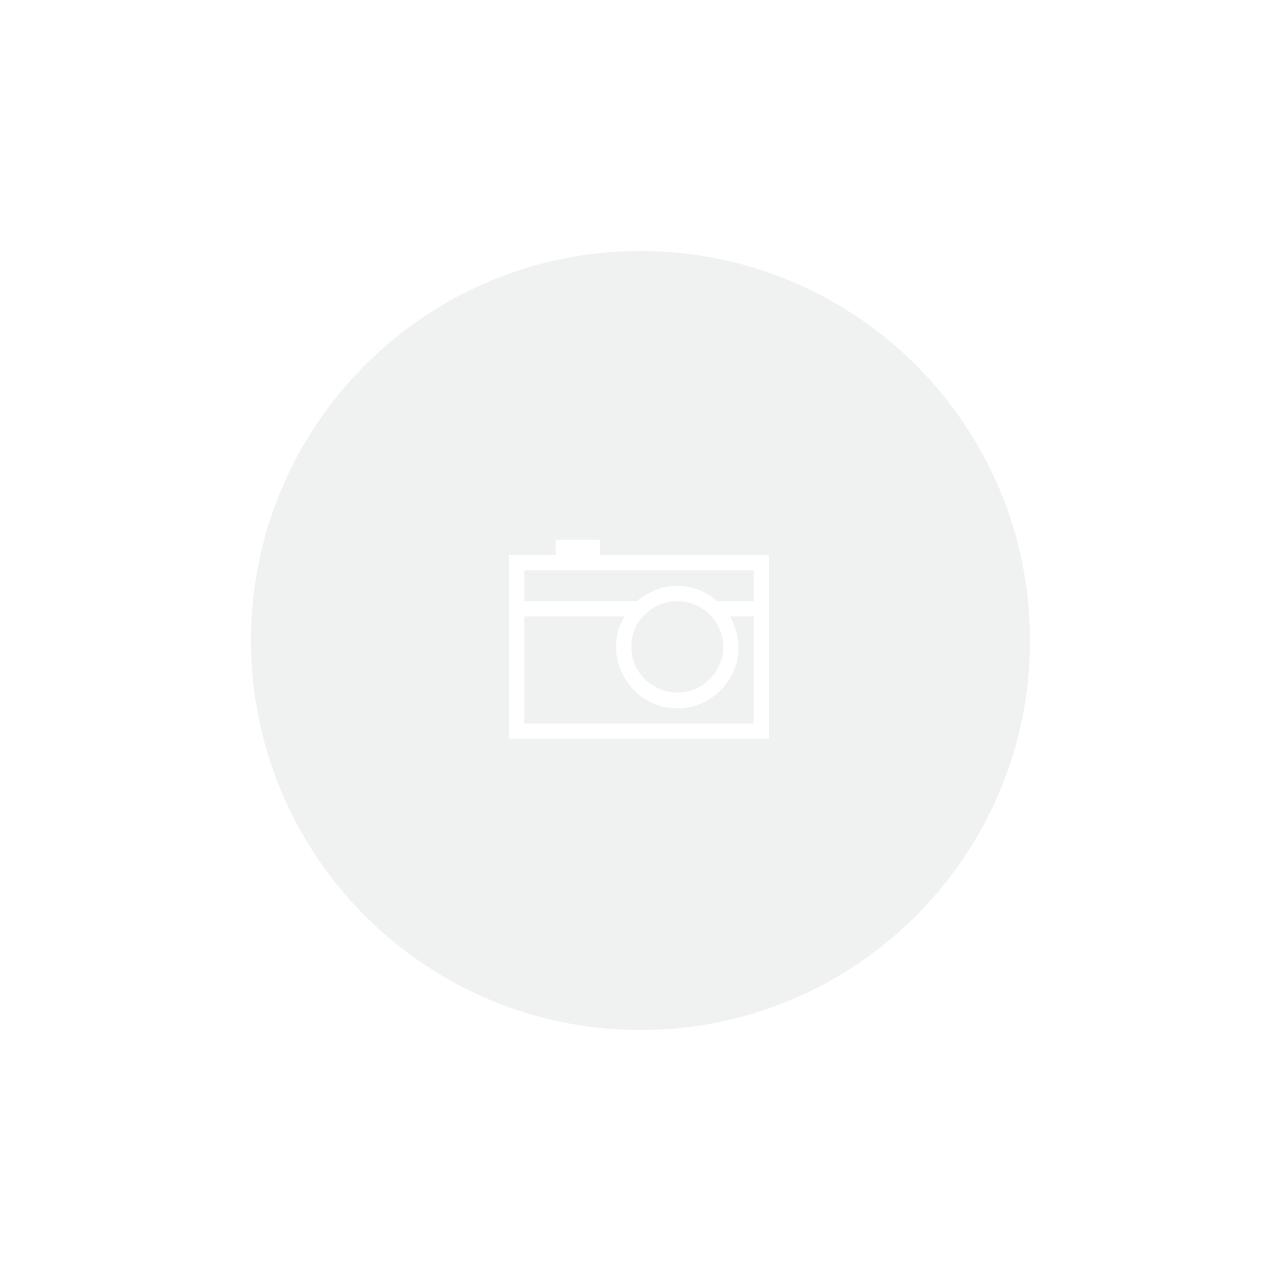 Tesoura Comfort Groom Curva 8.5